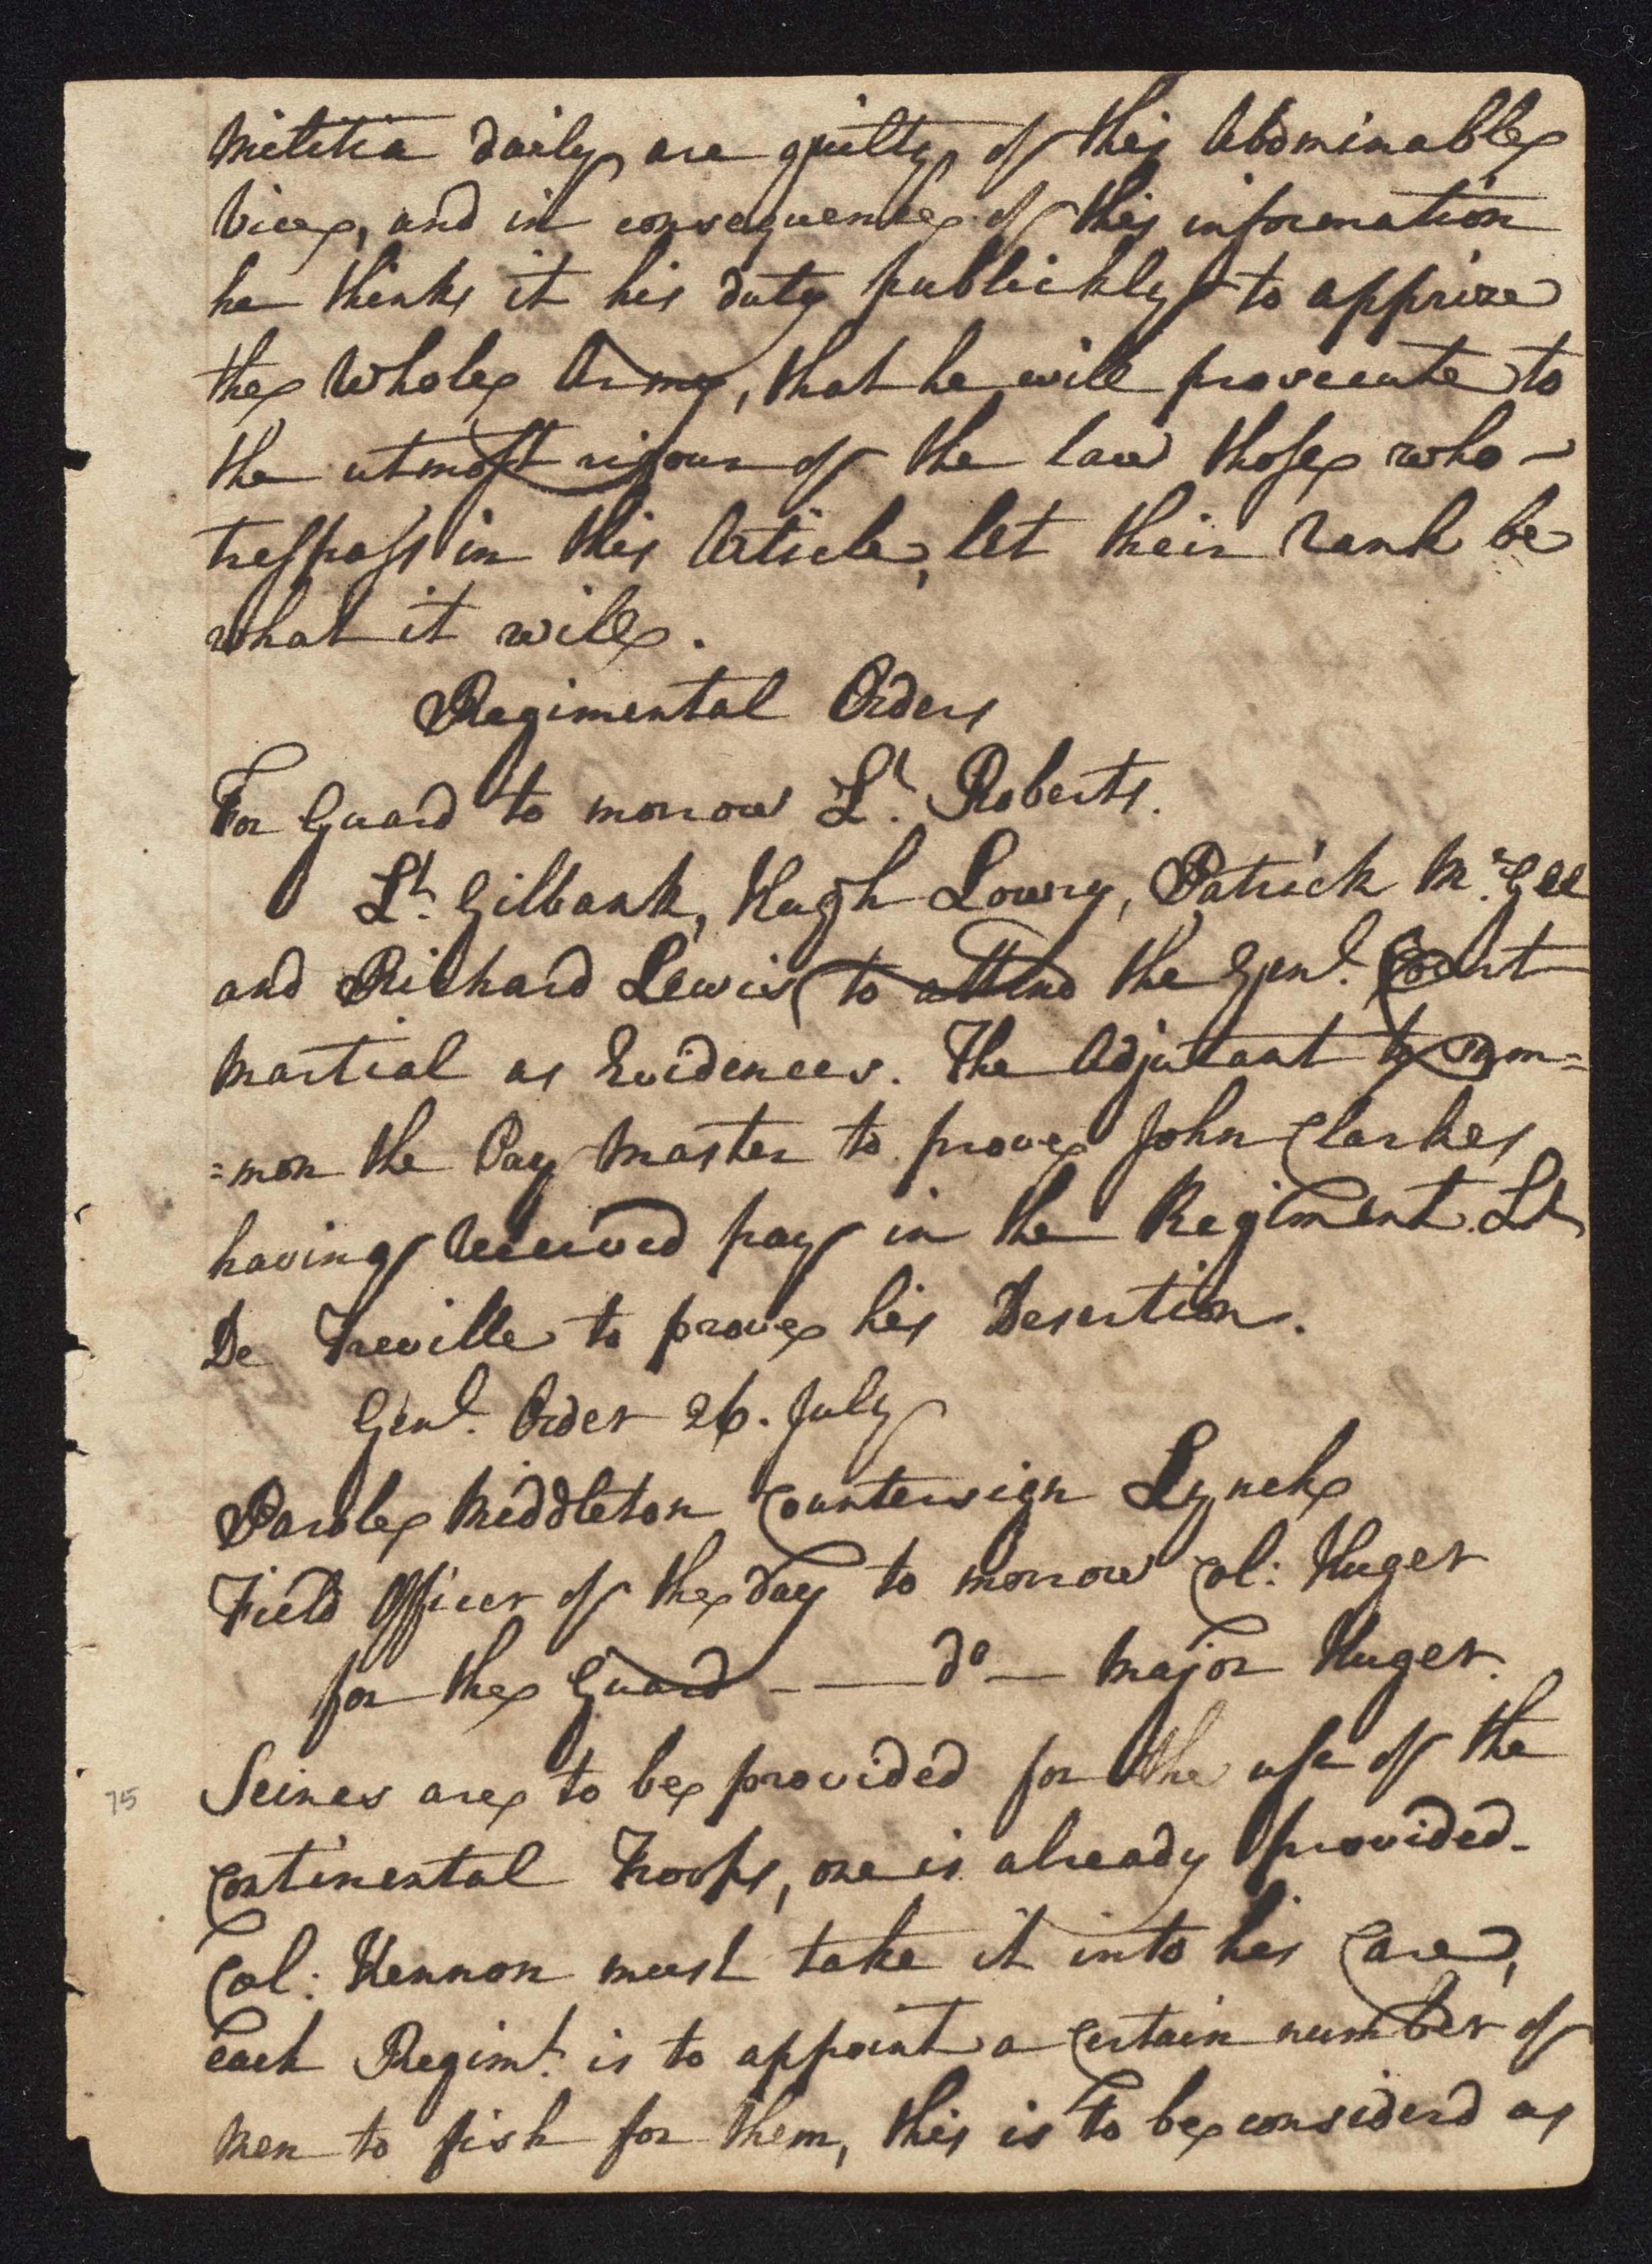 South Carolina Regiment Order Book, Page 149